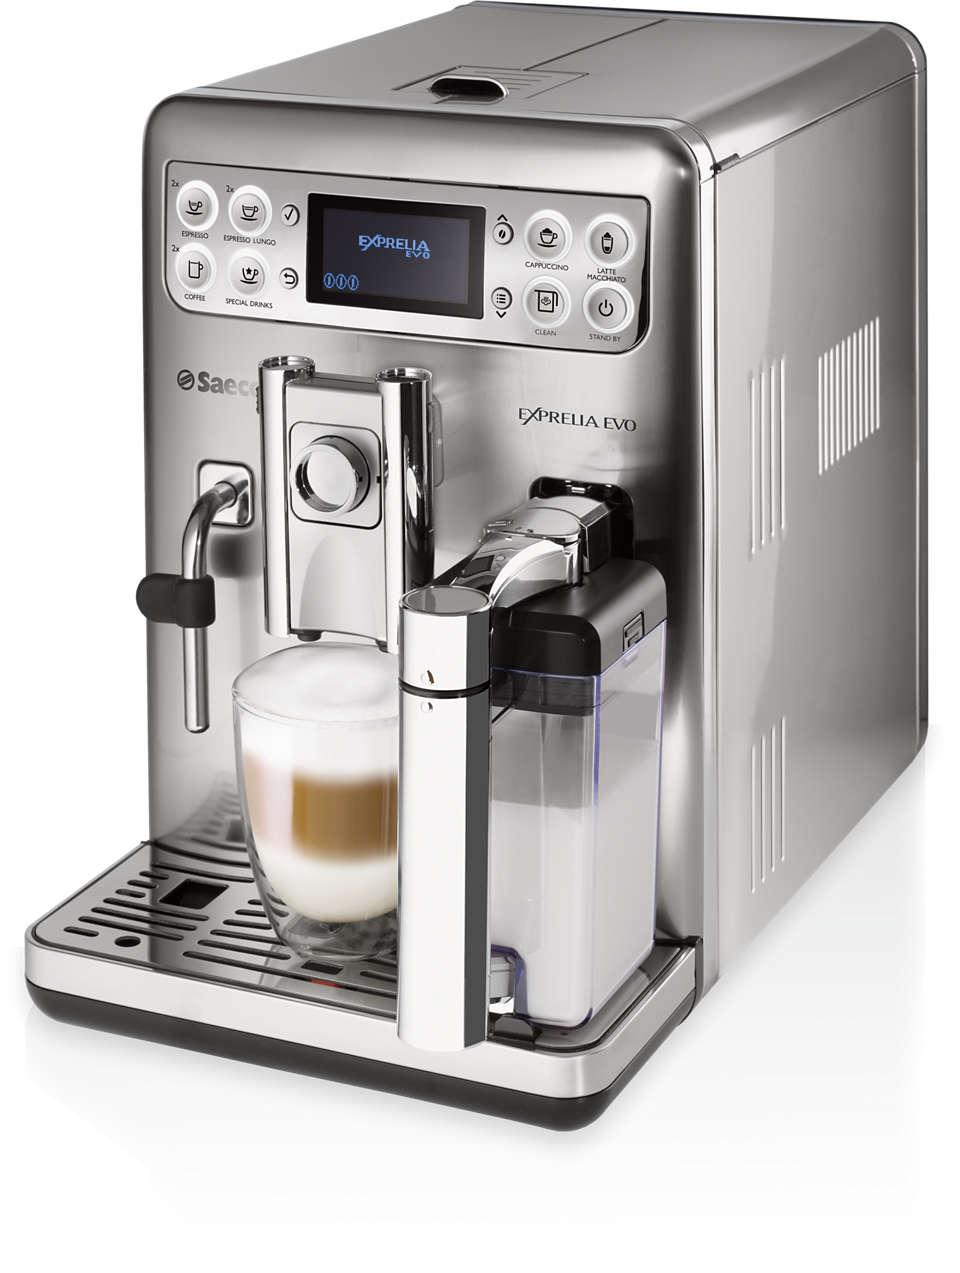 Puiki pagal jūsų skonį paruošta kava